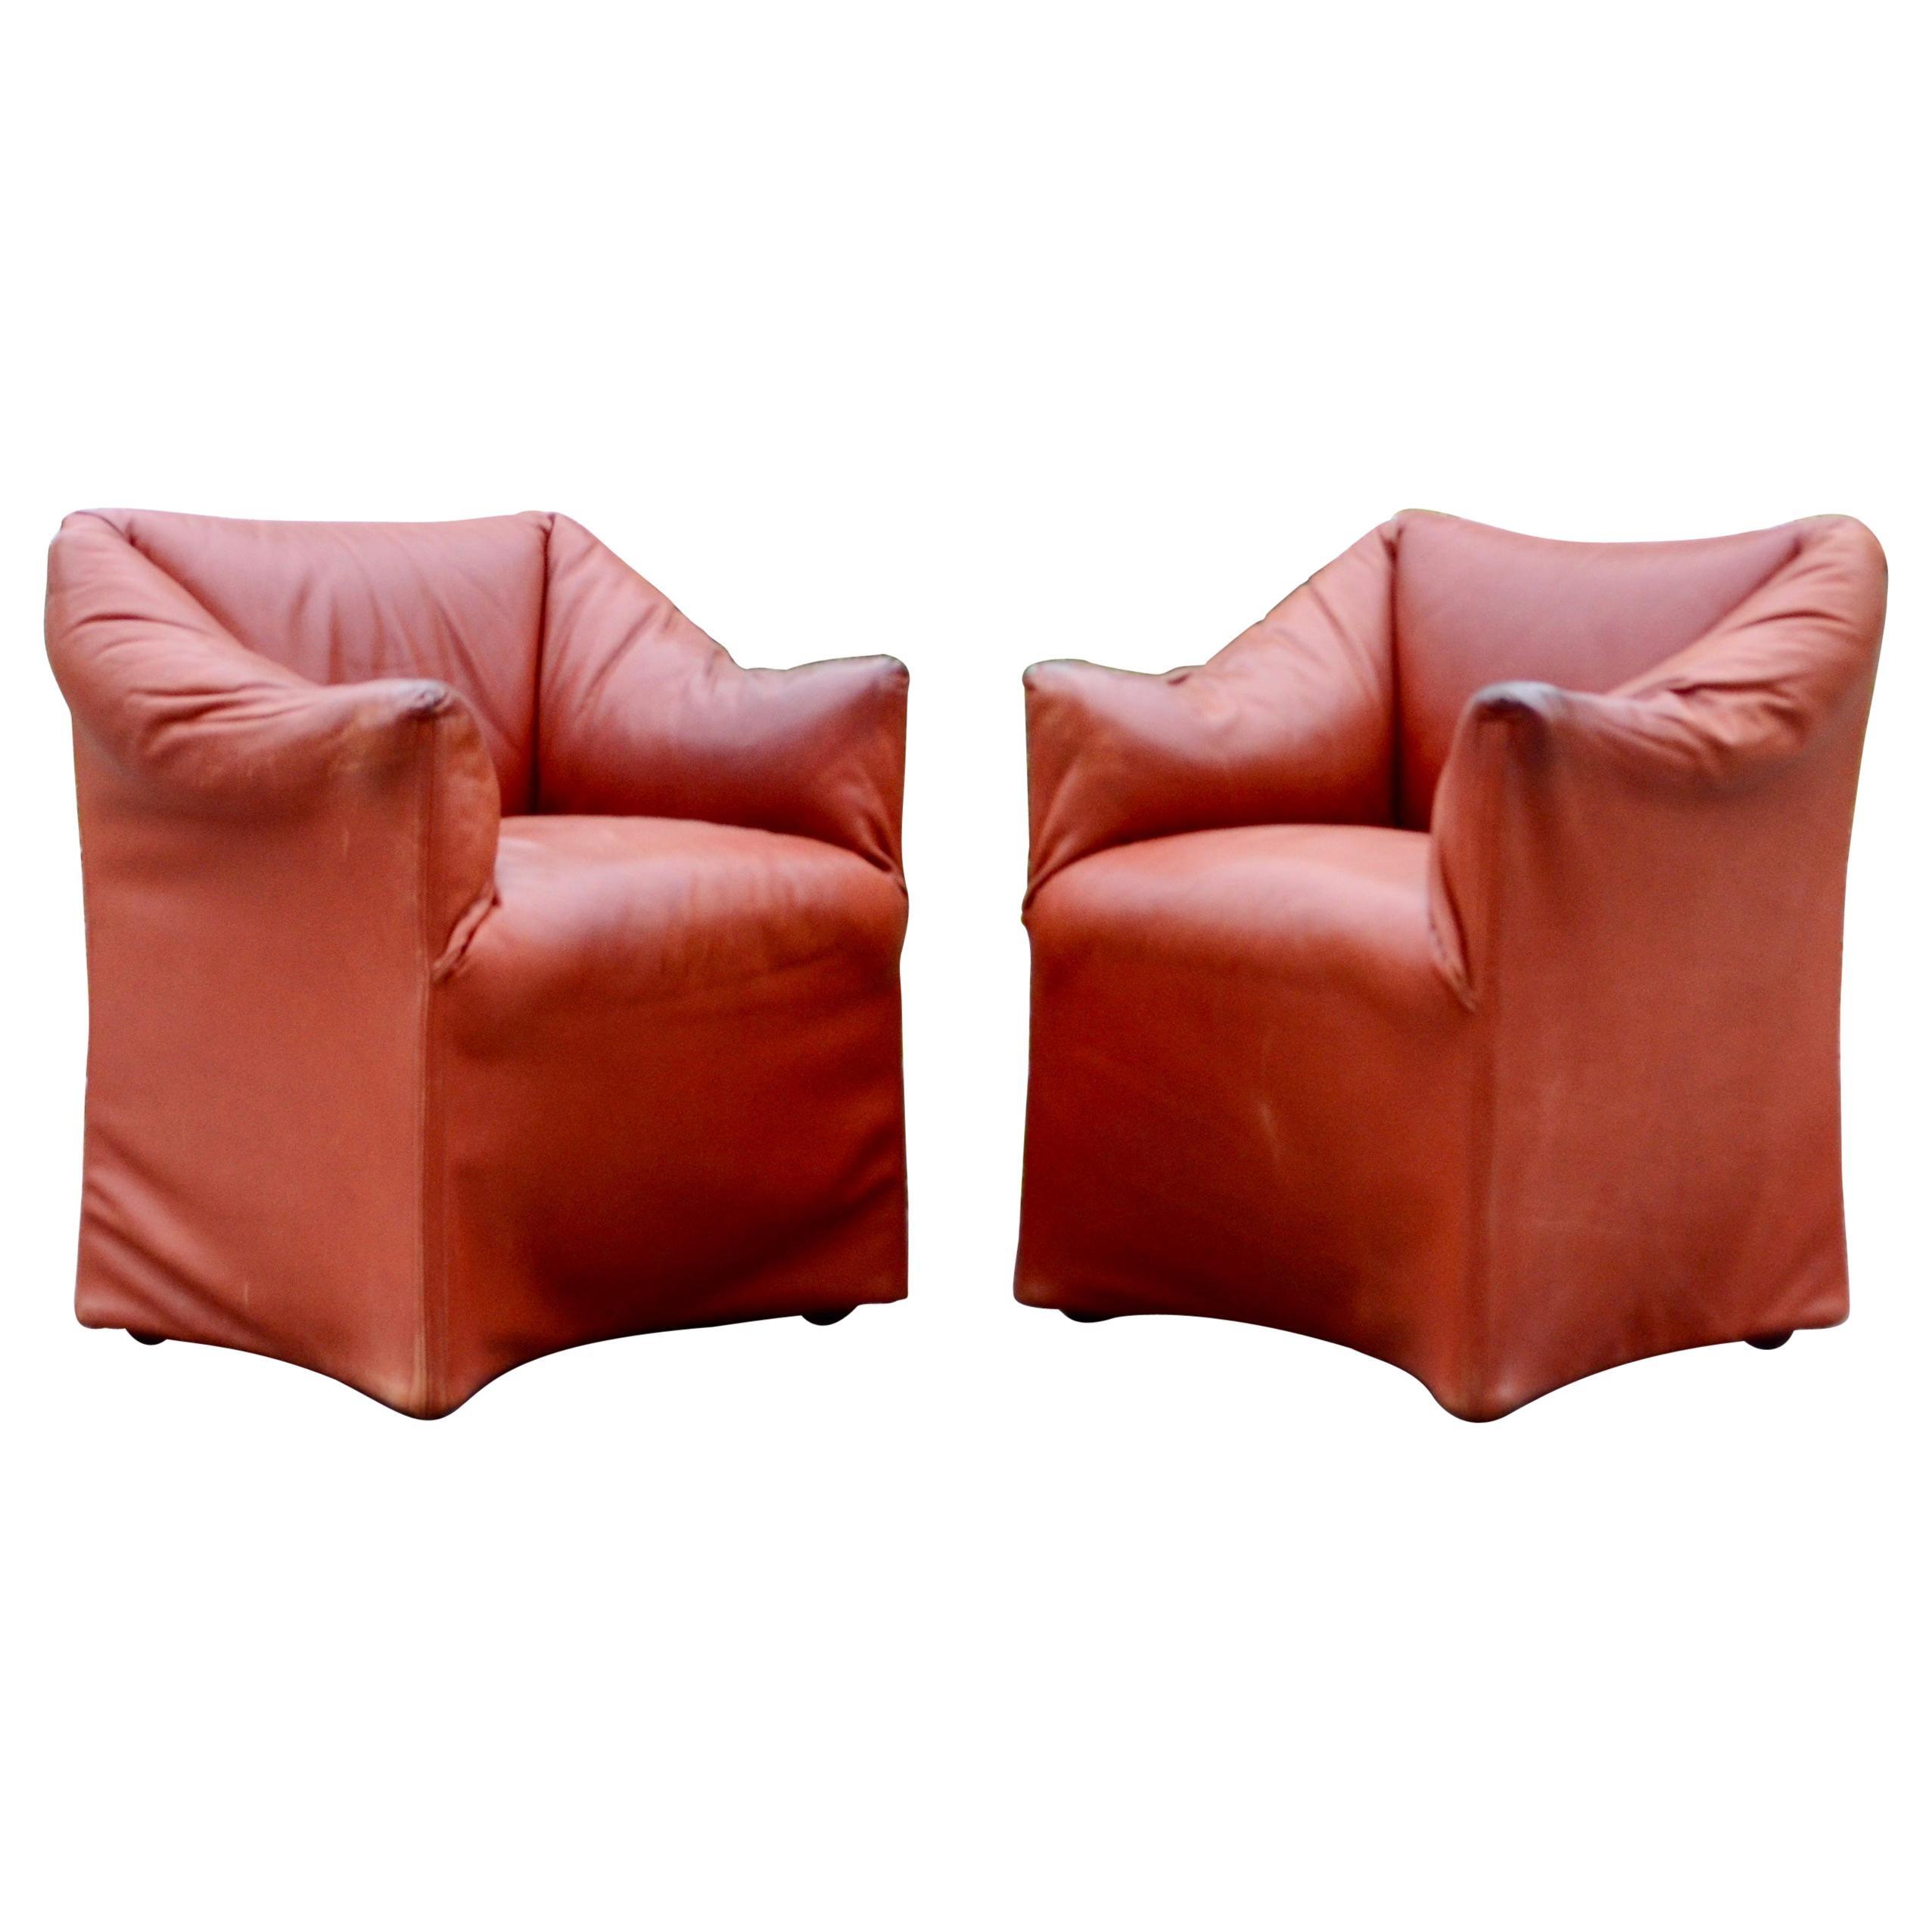 Cassina Model Tentazione Mario Bellini Small Armchair Chair Oxred Leather